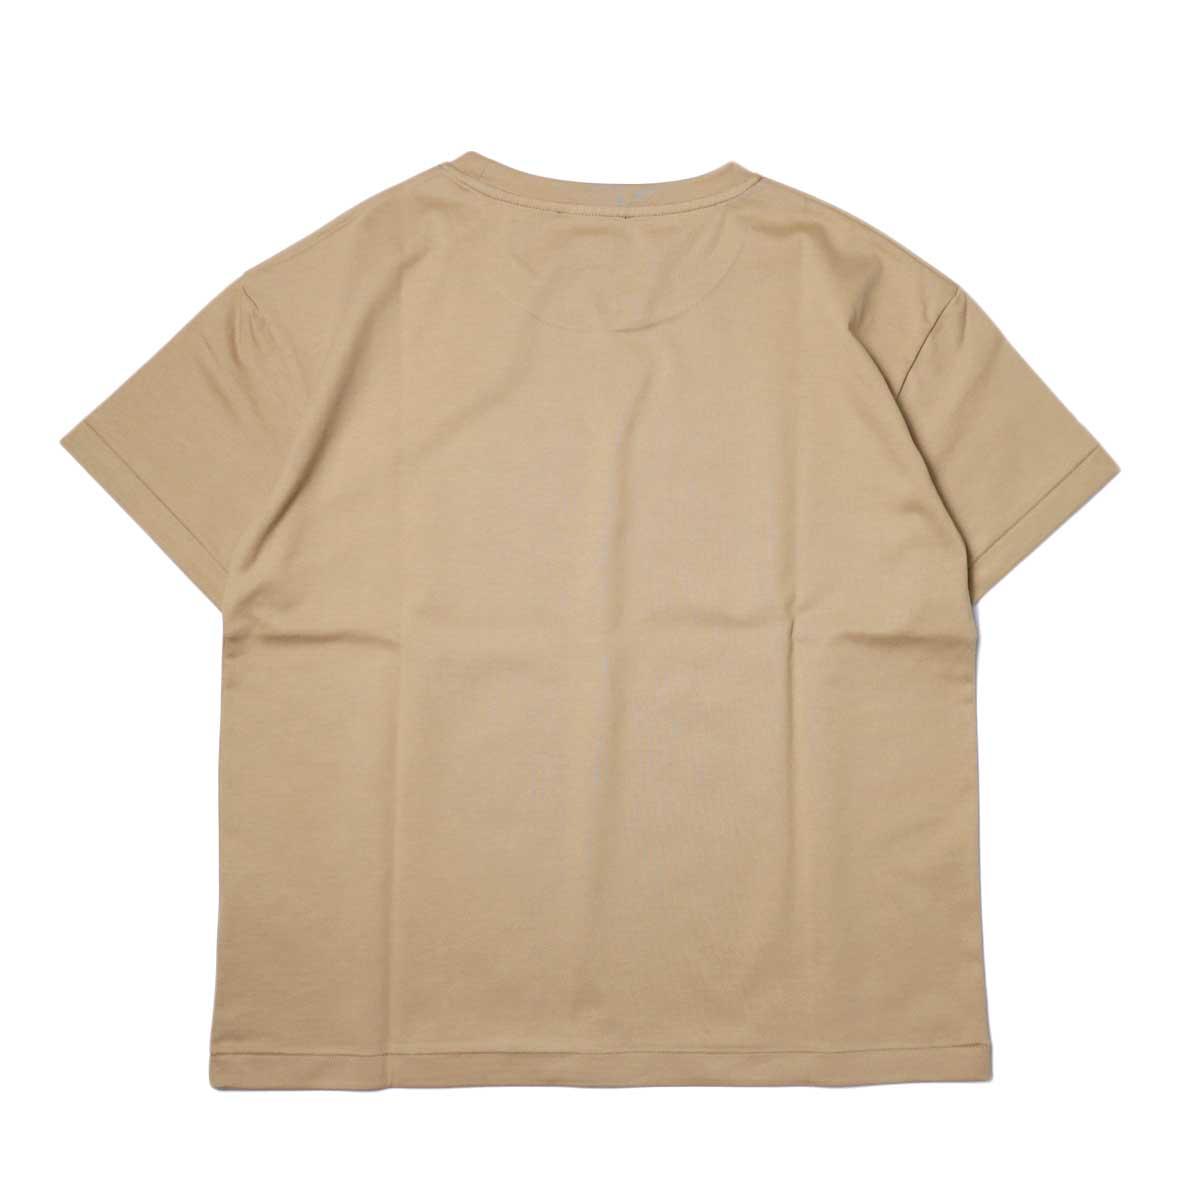 A.P.C. / Judy Tシャツ (Beige) 背面